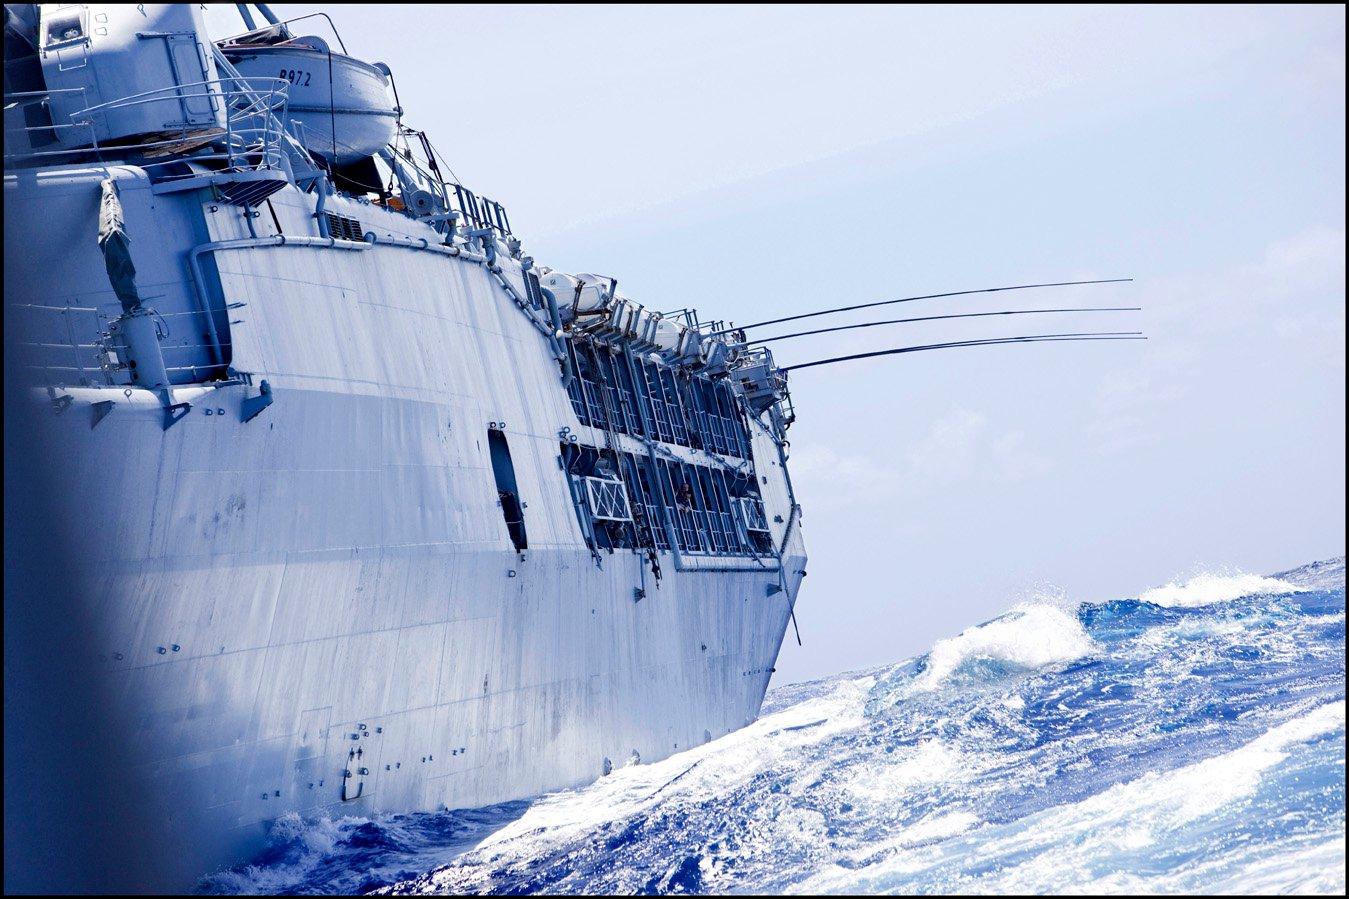 bateau,patrimoine,navire,marine nationale,bateau-ambassade,bateau-école,bateau-opérations,r97,la jeanne,christophe géral,stéphane dugast